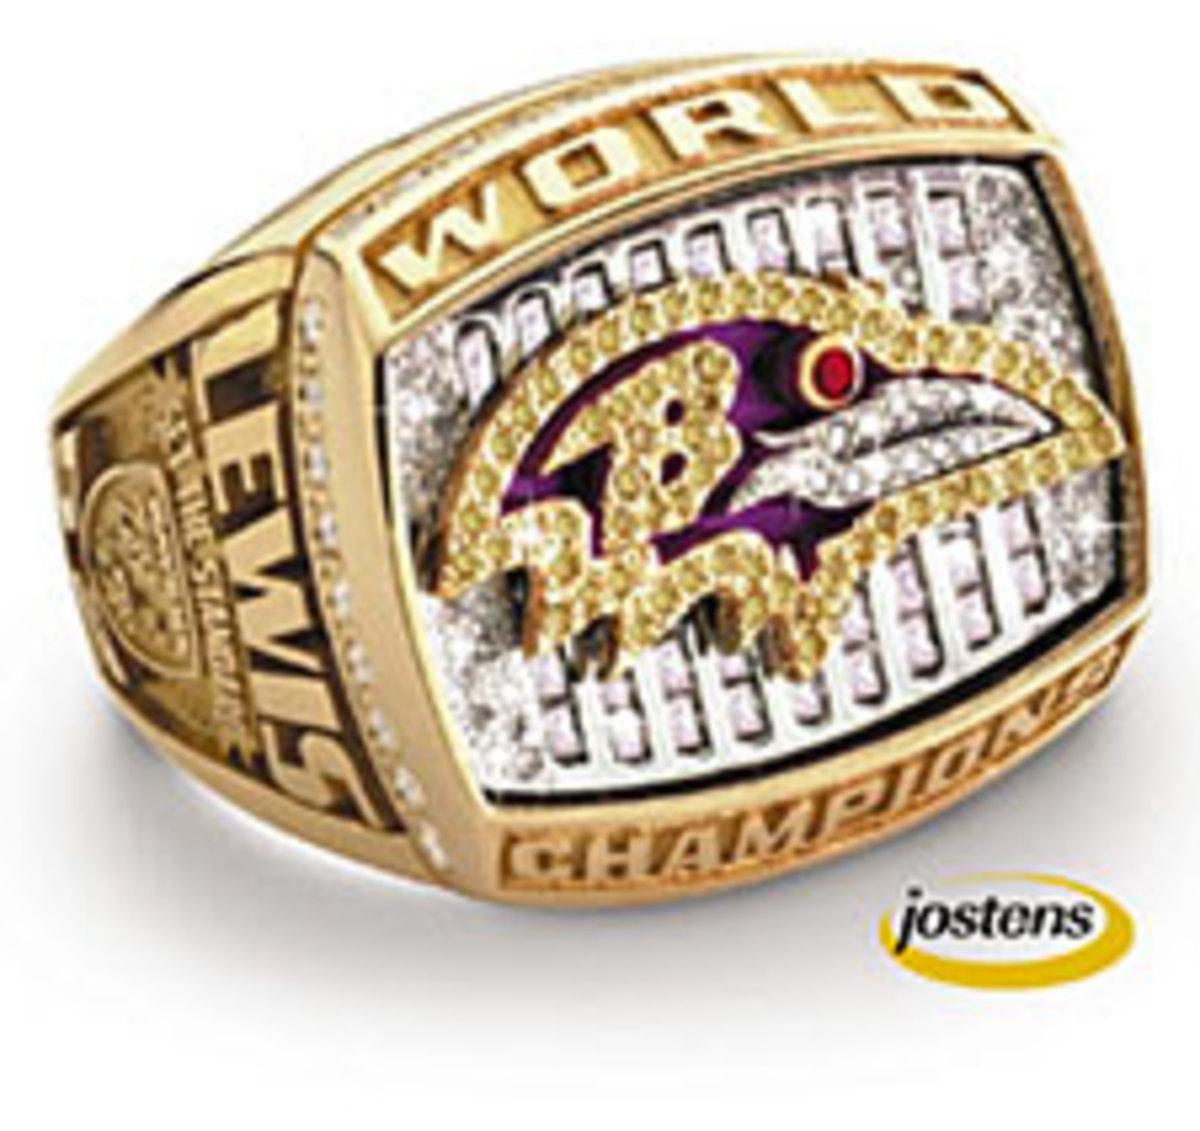 XXXV - Baltimore Ravens 2001